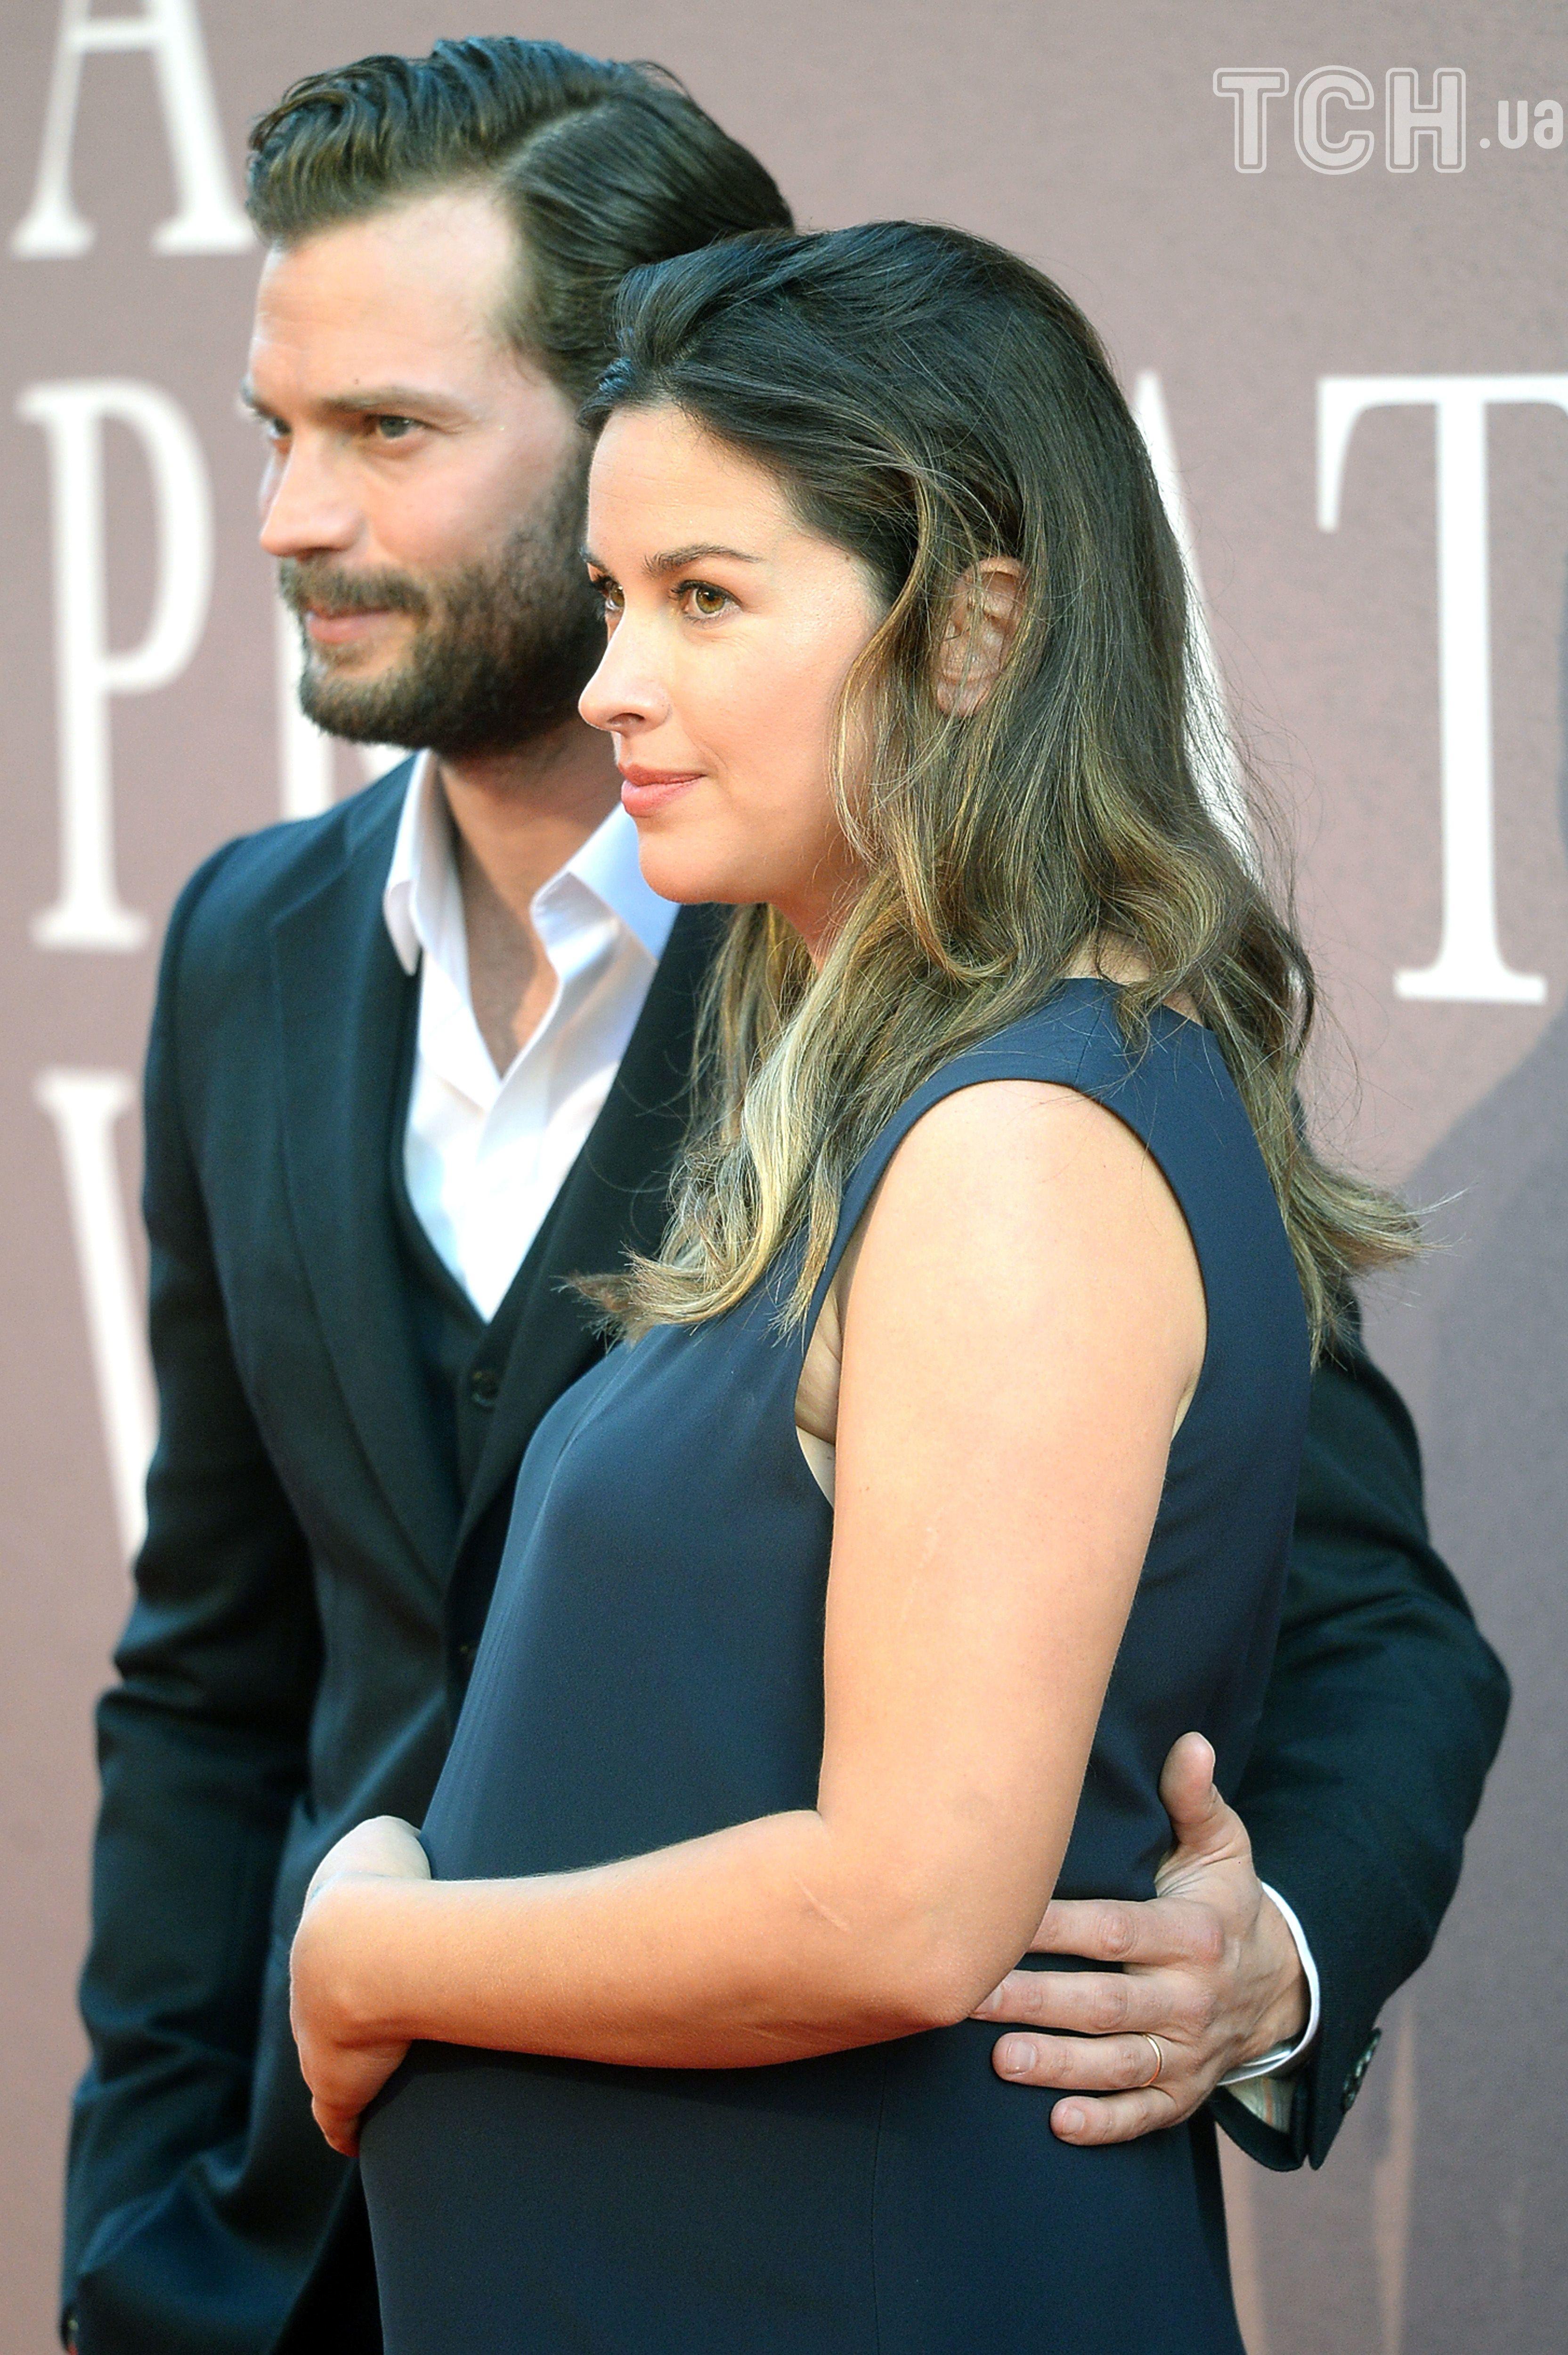 Джеймі Дорнан з вагітною дружиною_2